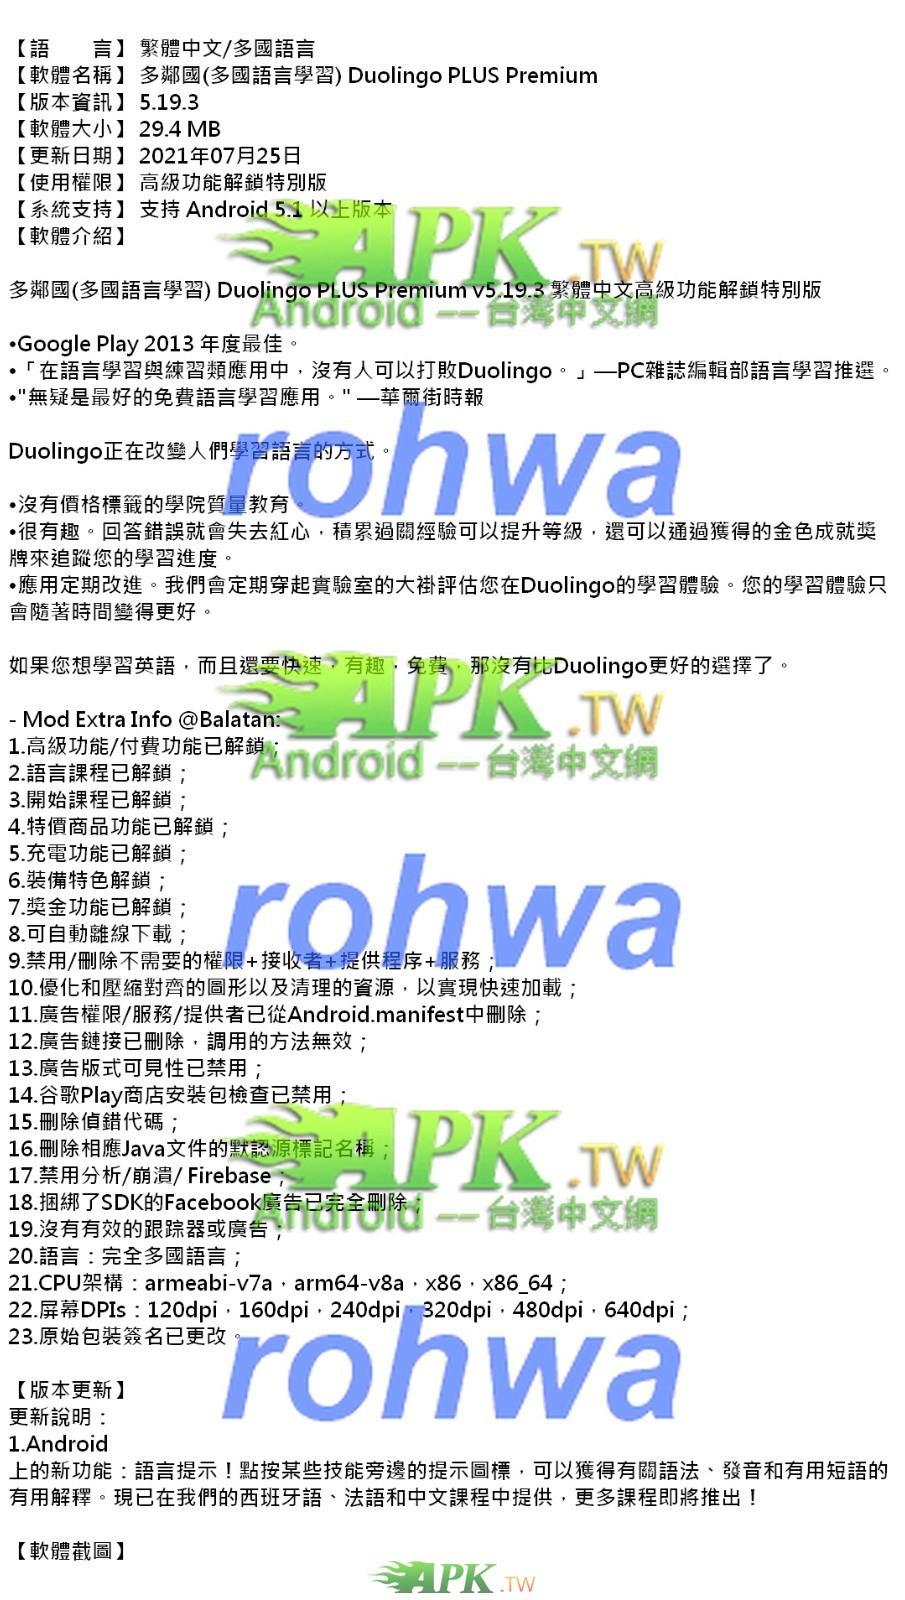 Duolingo_PLUS_Premium_5.19.3_.jpg